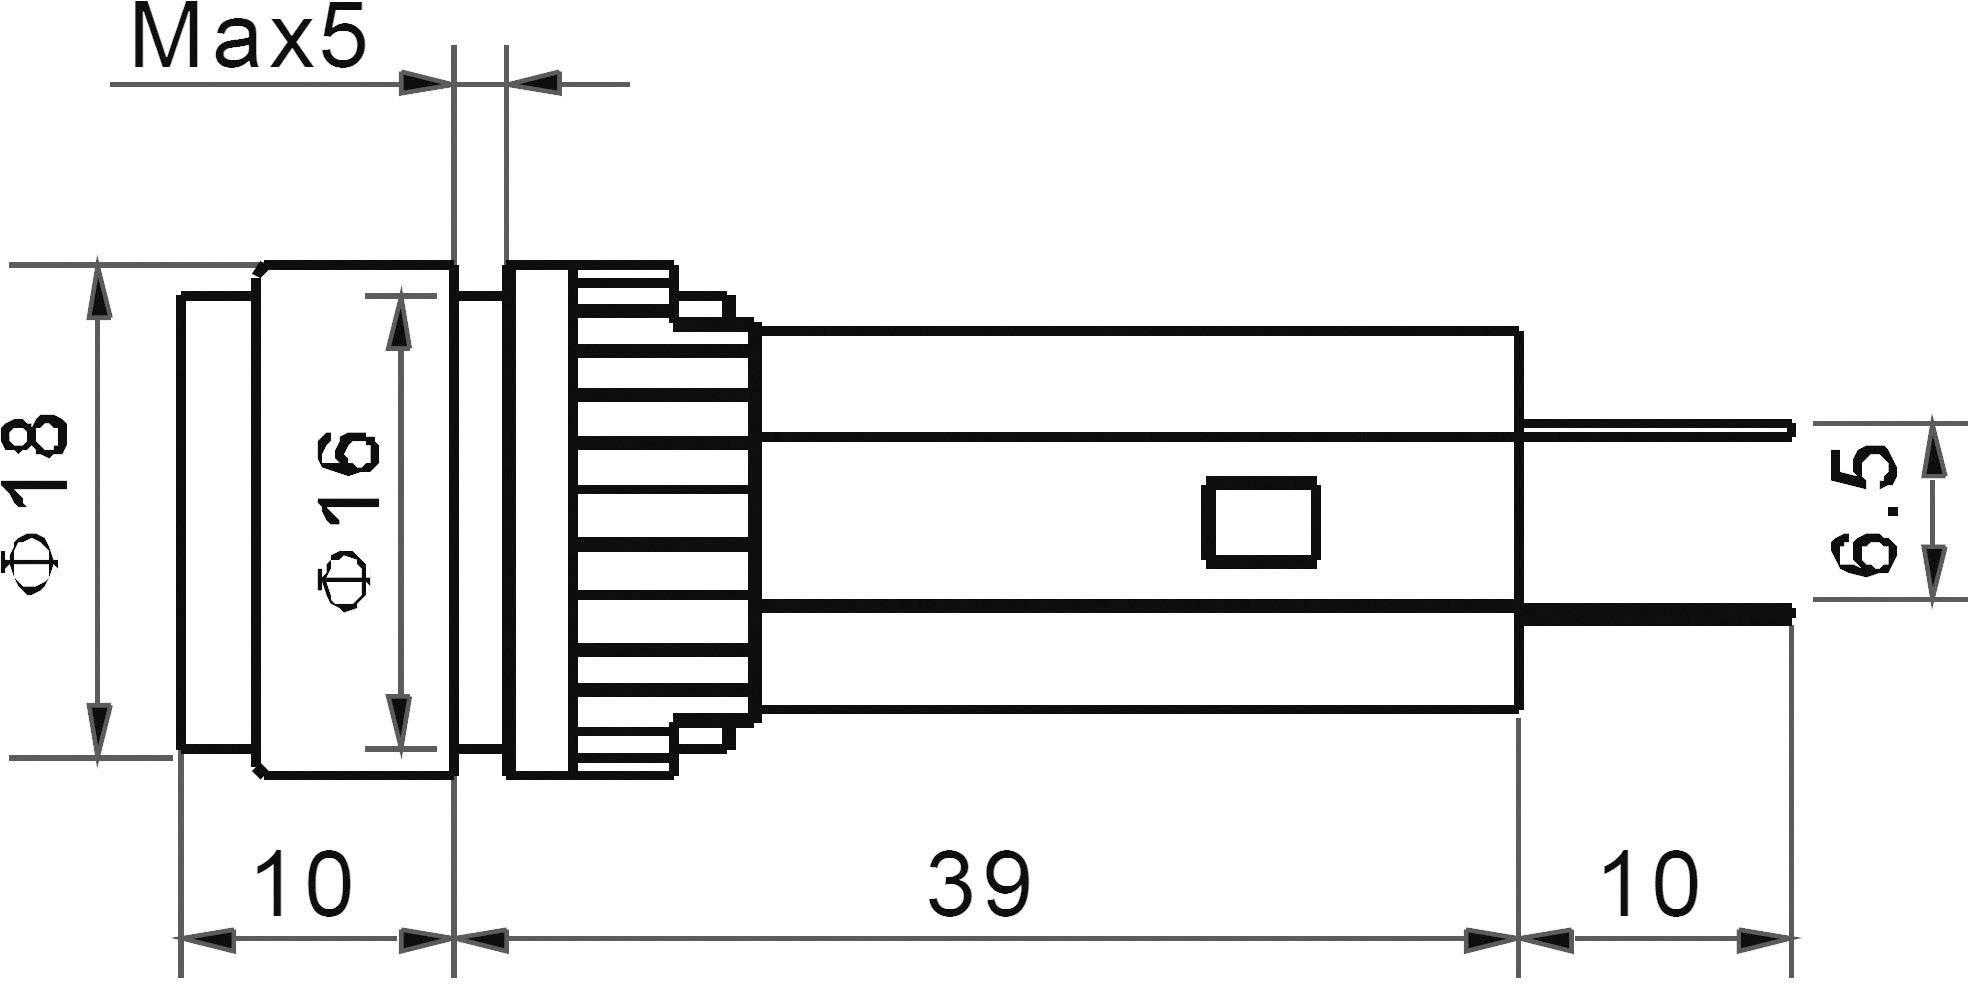 IndikačnéLED TRU COMPONENTS AD16-16B/230V/R, 230 V/AC, červená